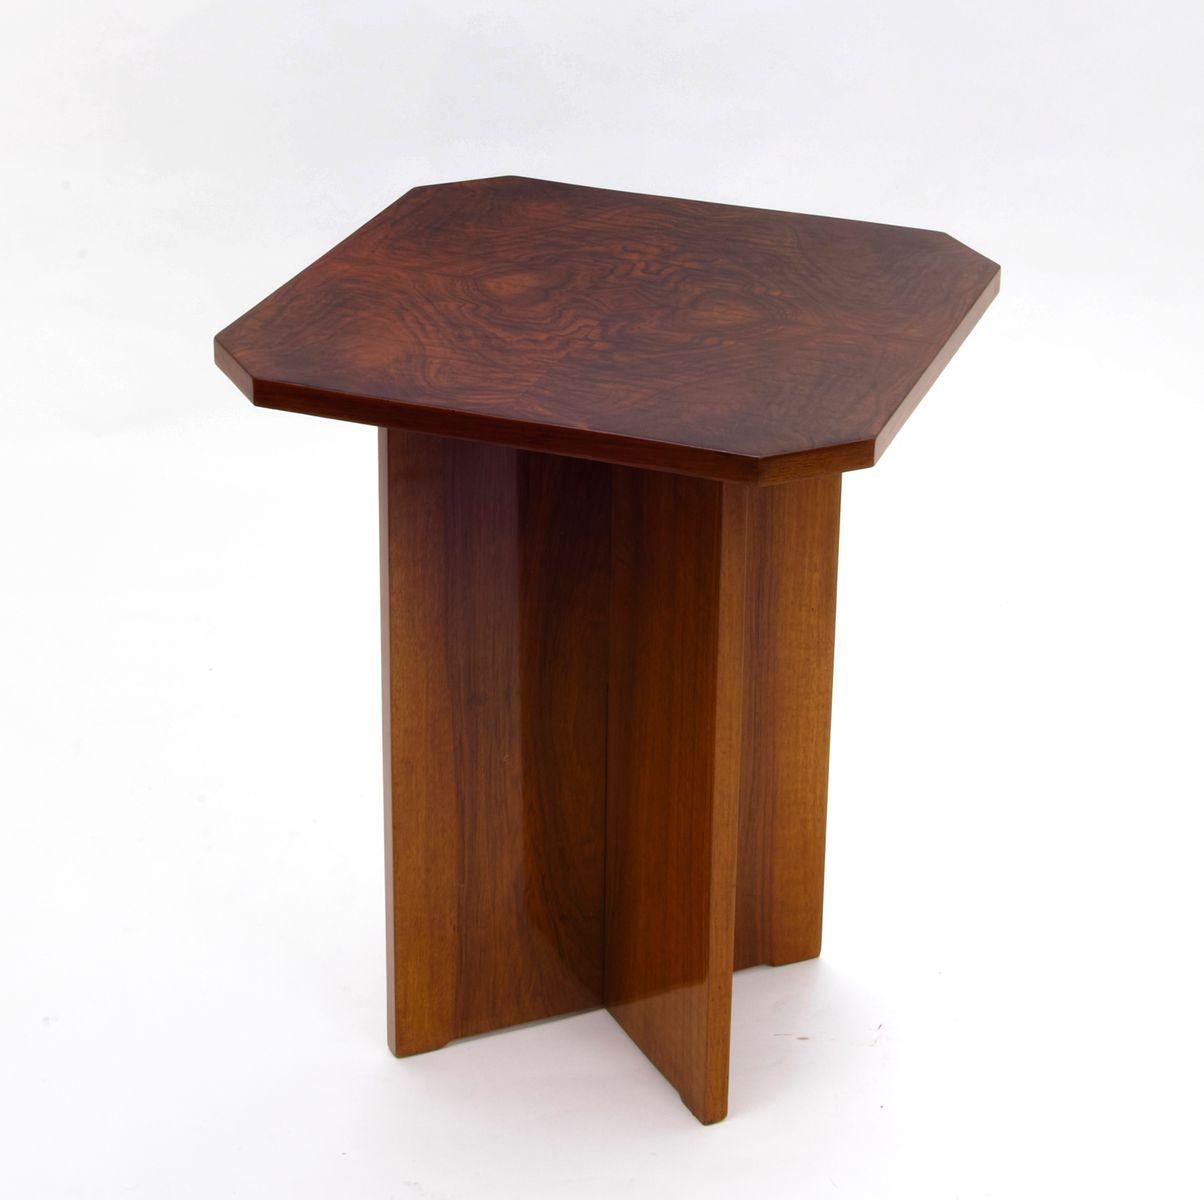 art deco beistelltisch mit x gestell 1930er bei pamono kaufen. Black Bedroom Furniture Sets. Home Design Ideas